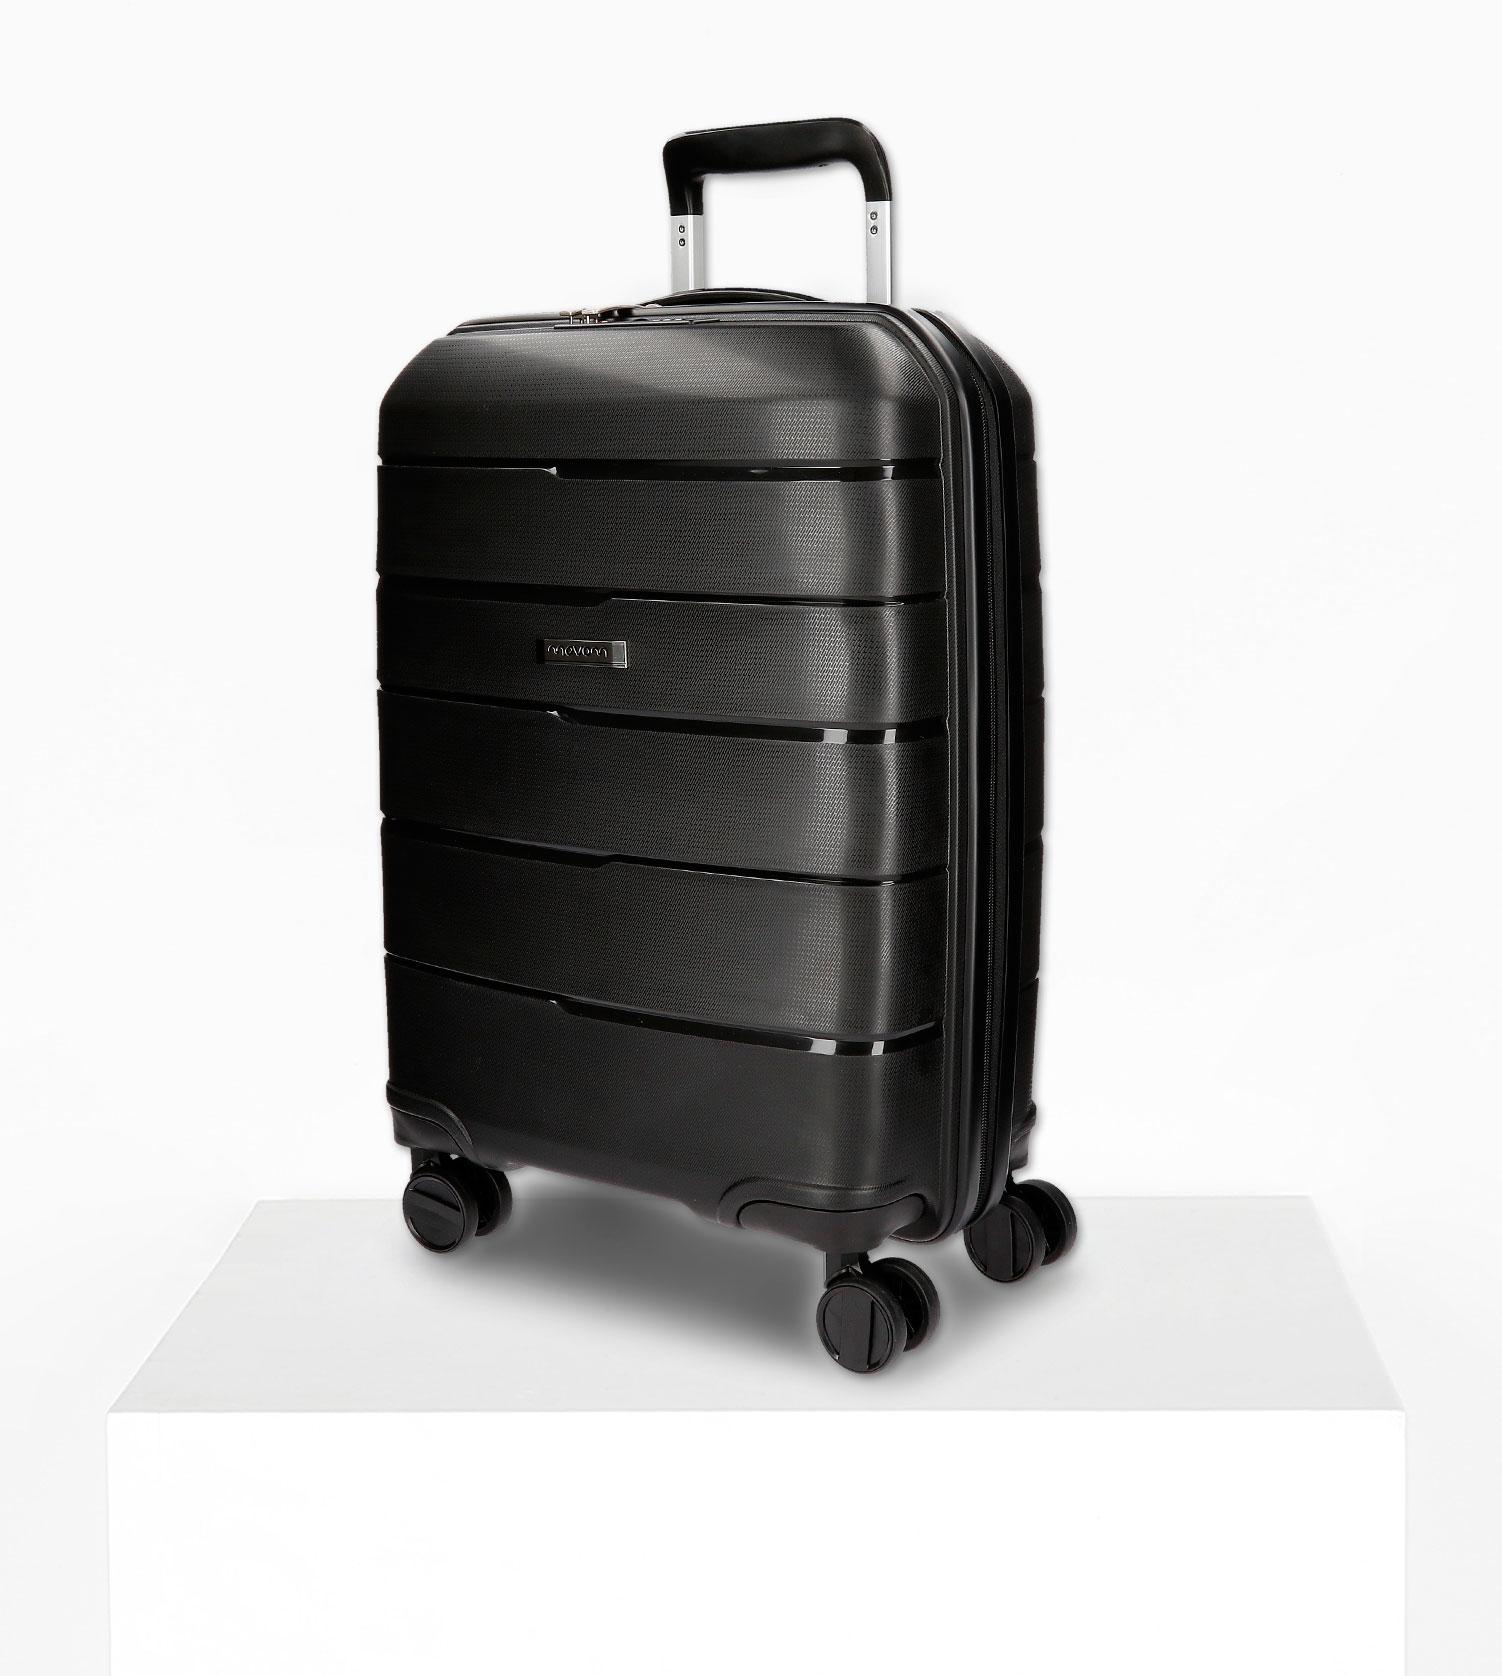 maleta-de-cabina-movom-fabricada-en-polipropileno